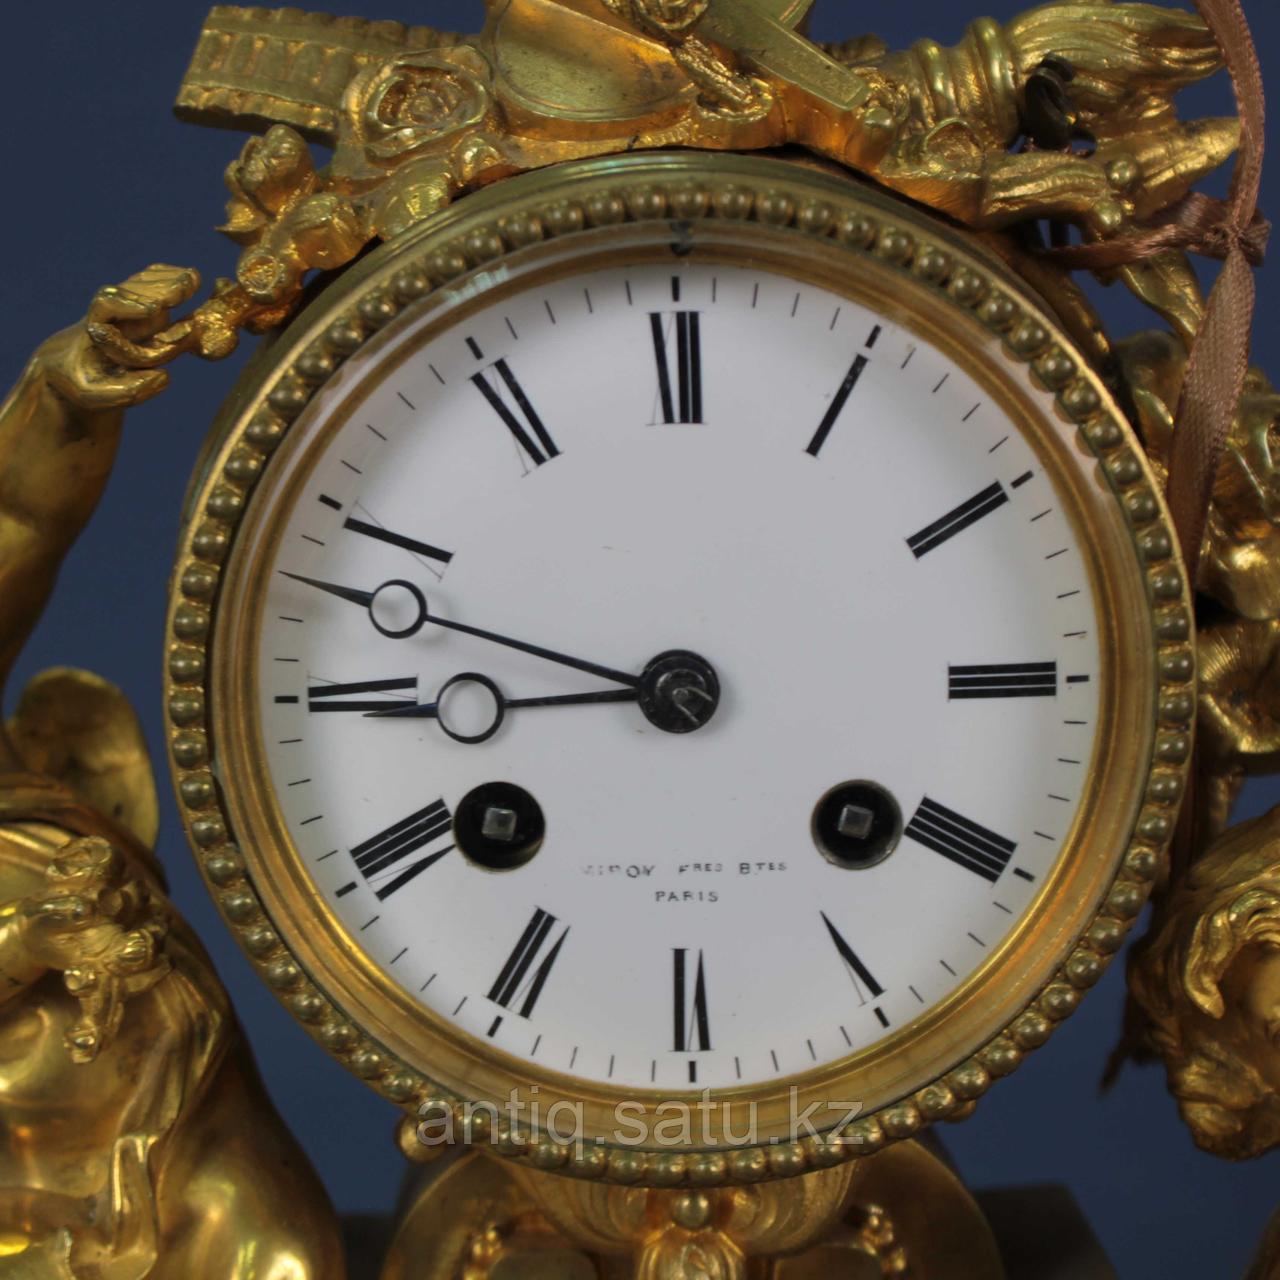 Каминные часы в стиле Людовика XVI. Часовая мастерская Miroy Freres - фото 6